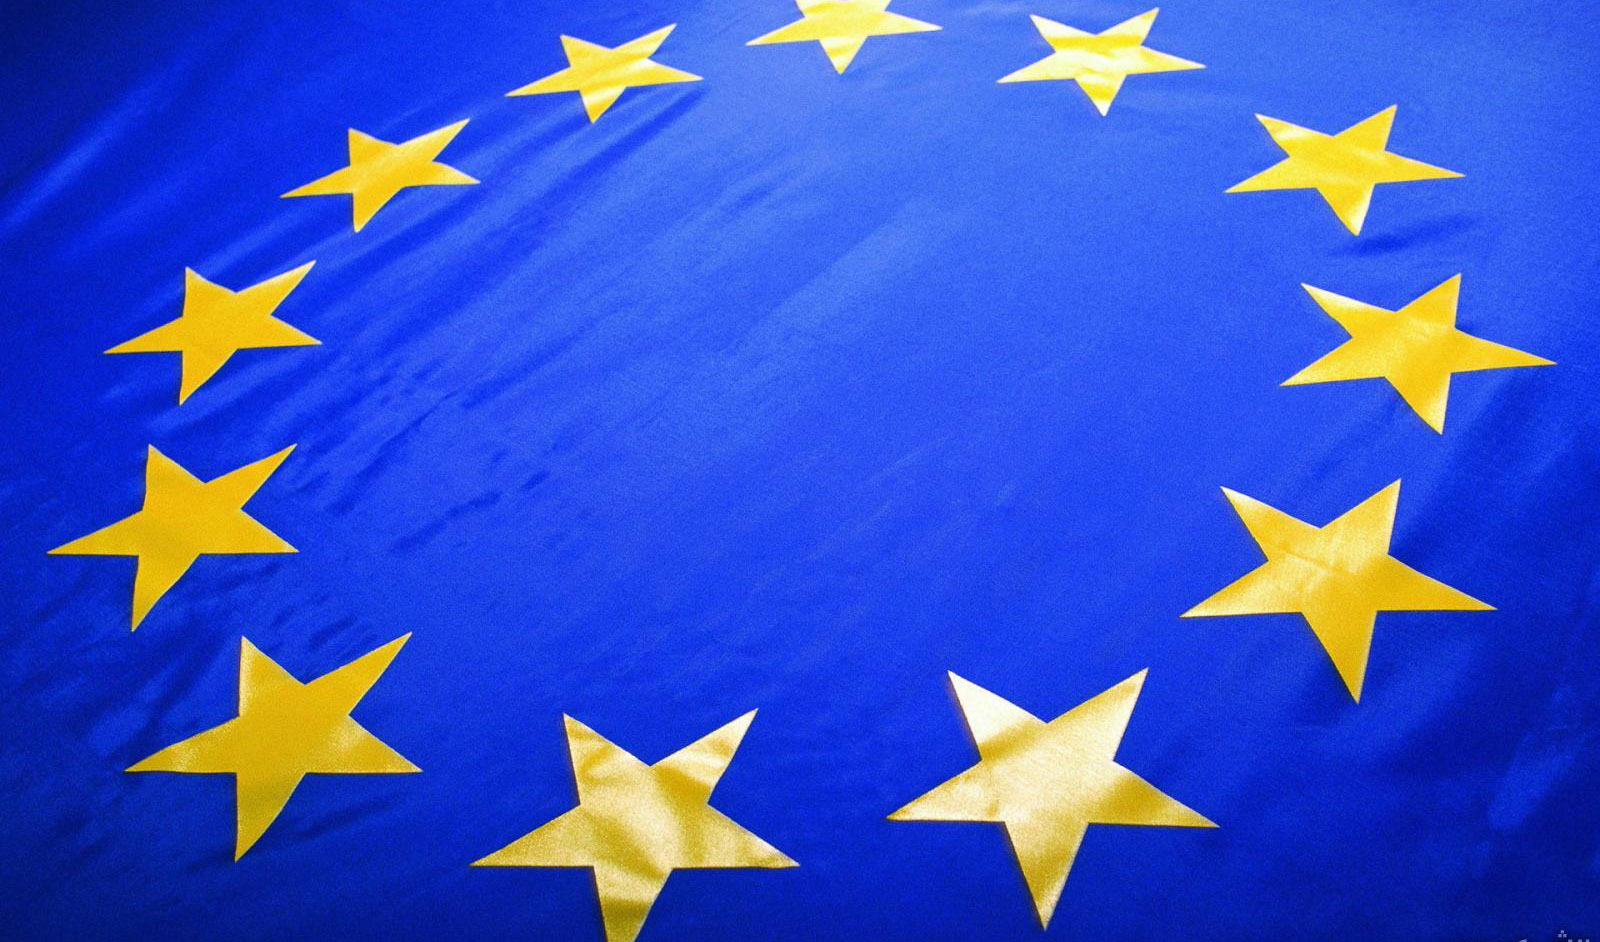 رشد اقتصادی و کاهش نرخ بیکاری در منطقه یورو